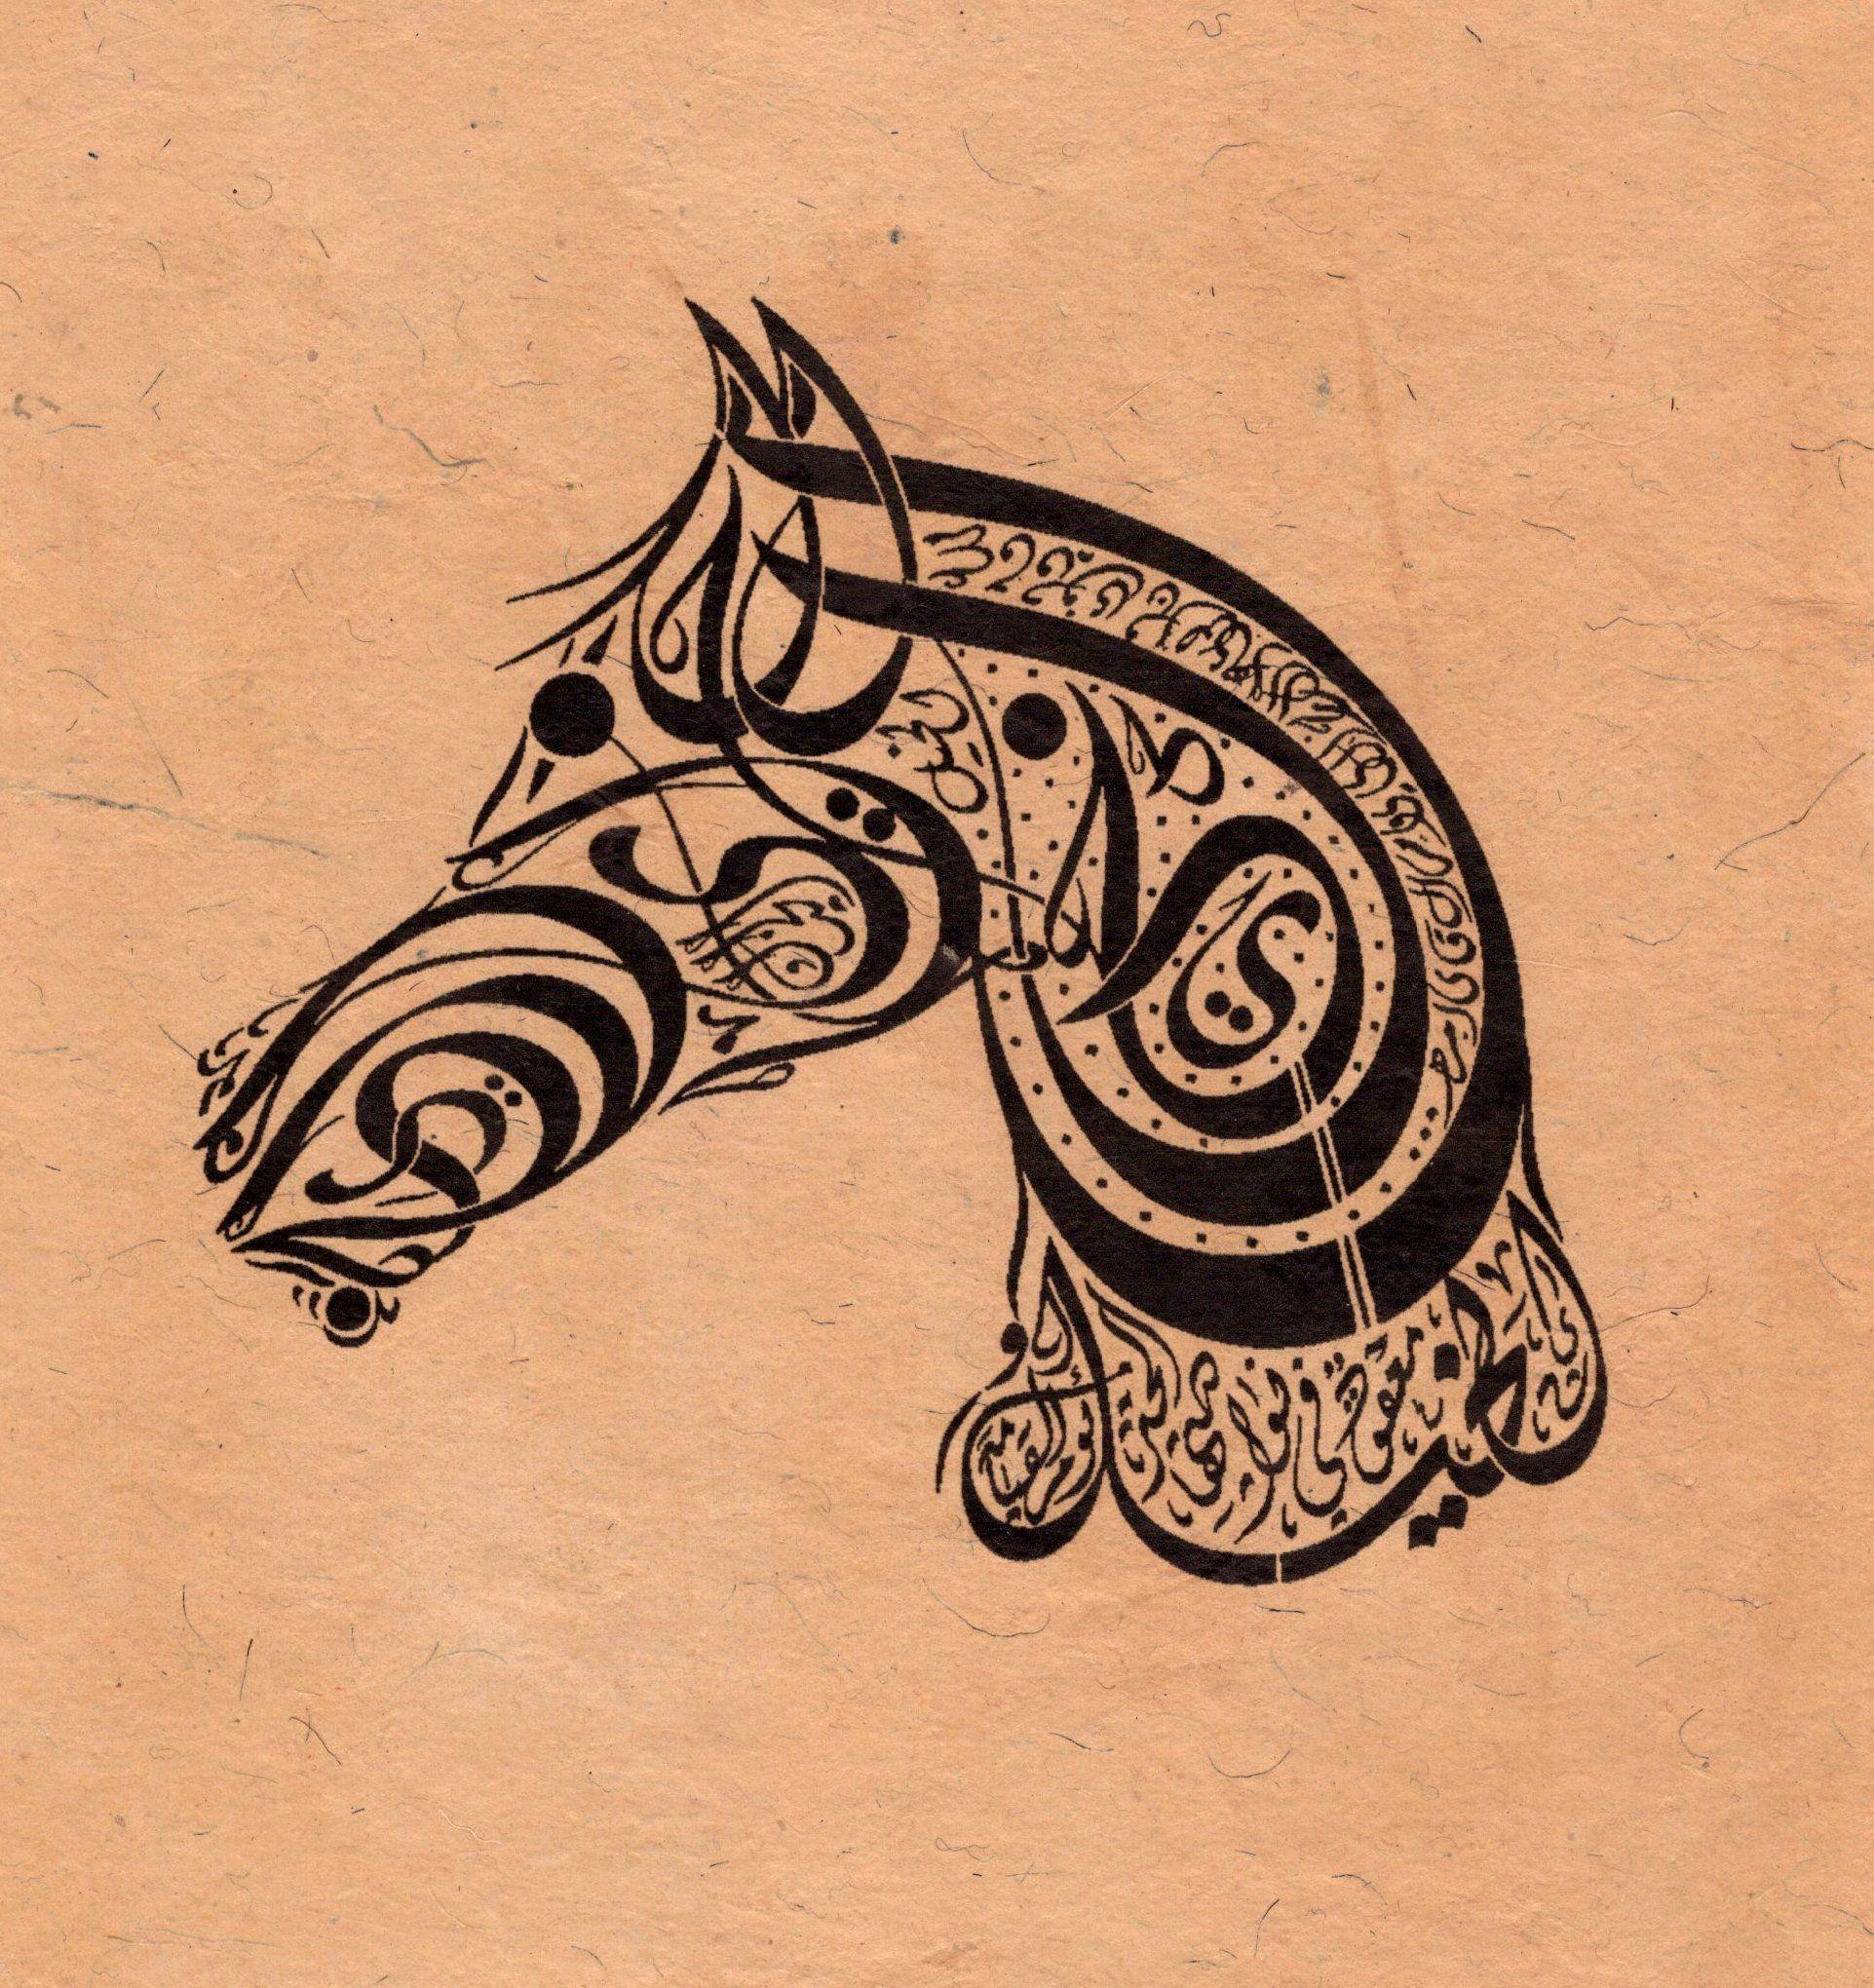 Zoomorphic Islam Calligraphy Art Handmade Persian Arabic India Turkish Painting Kalligrafie Kalligraphie